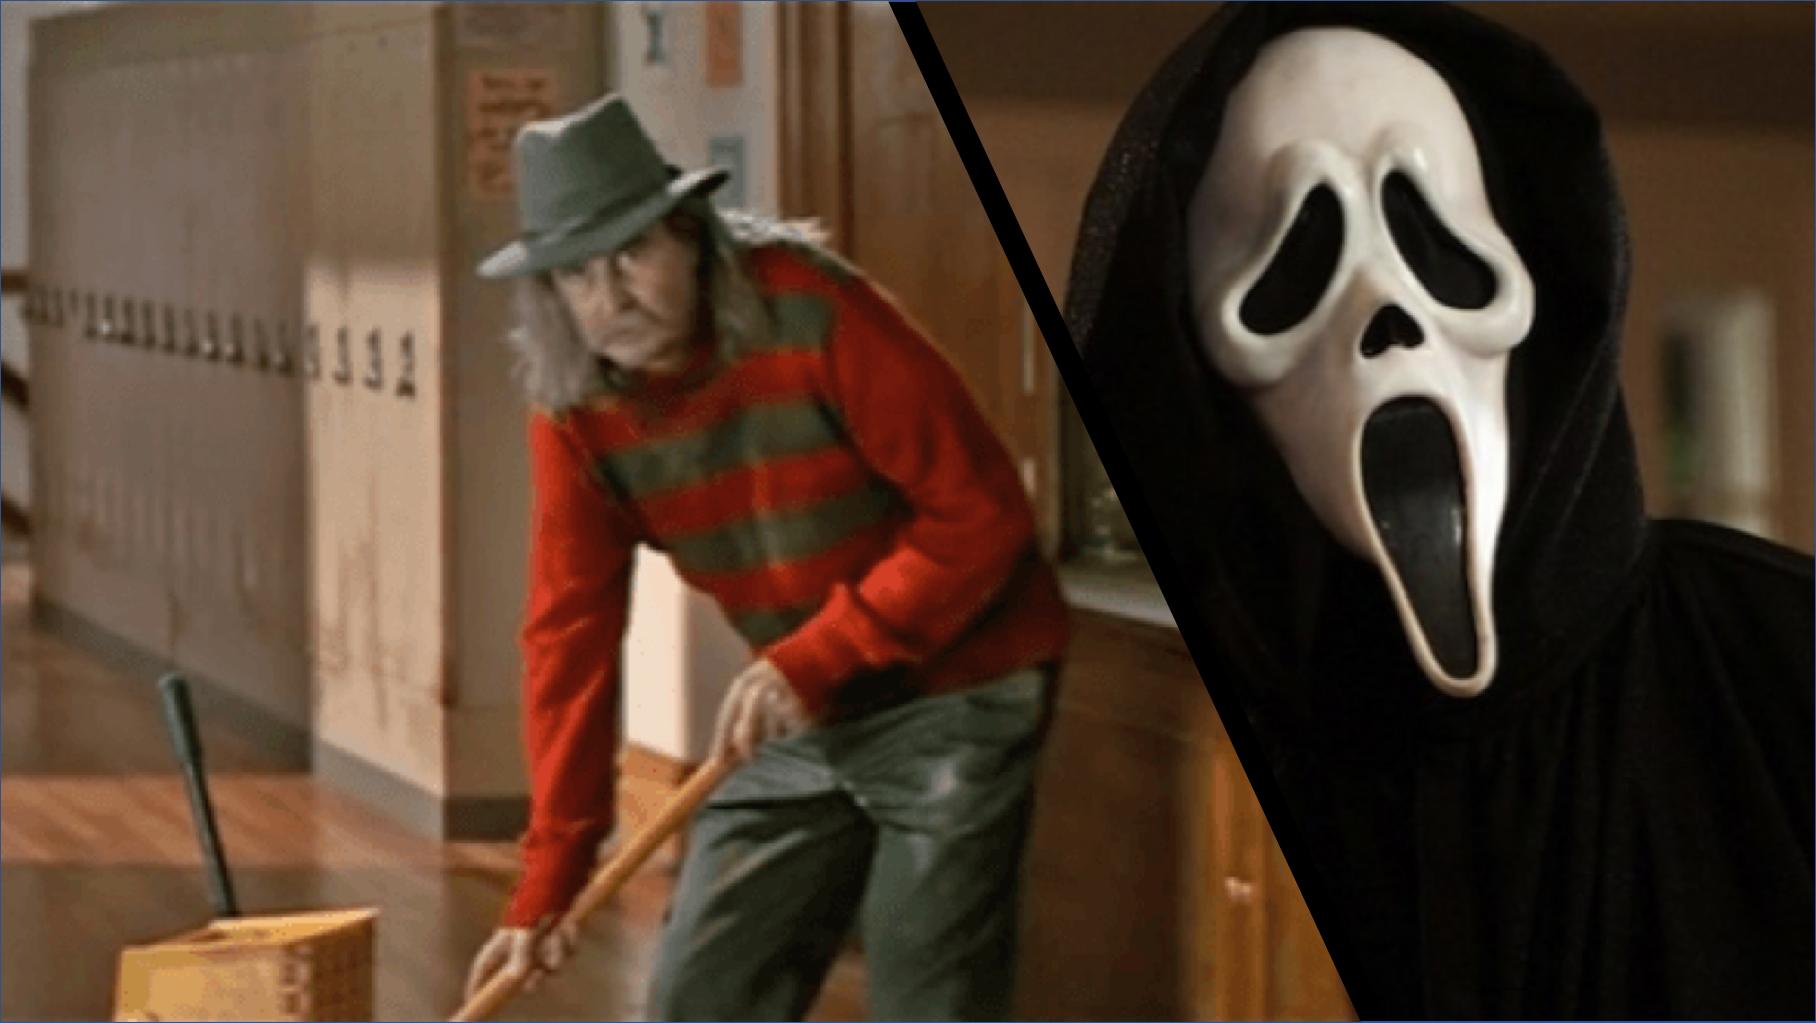 《驚聲尖叫》裡Cos鬼王佛萊迪的校工原來是導演本人 !  十位在自己作品裡客串的恐怖導演首圖